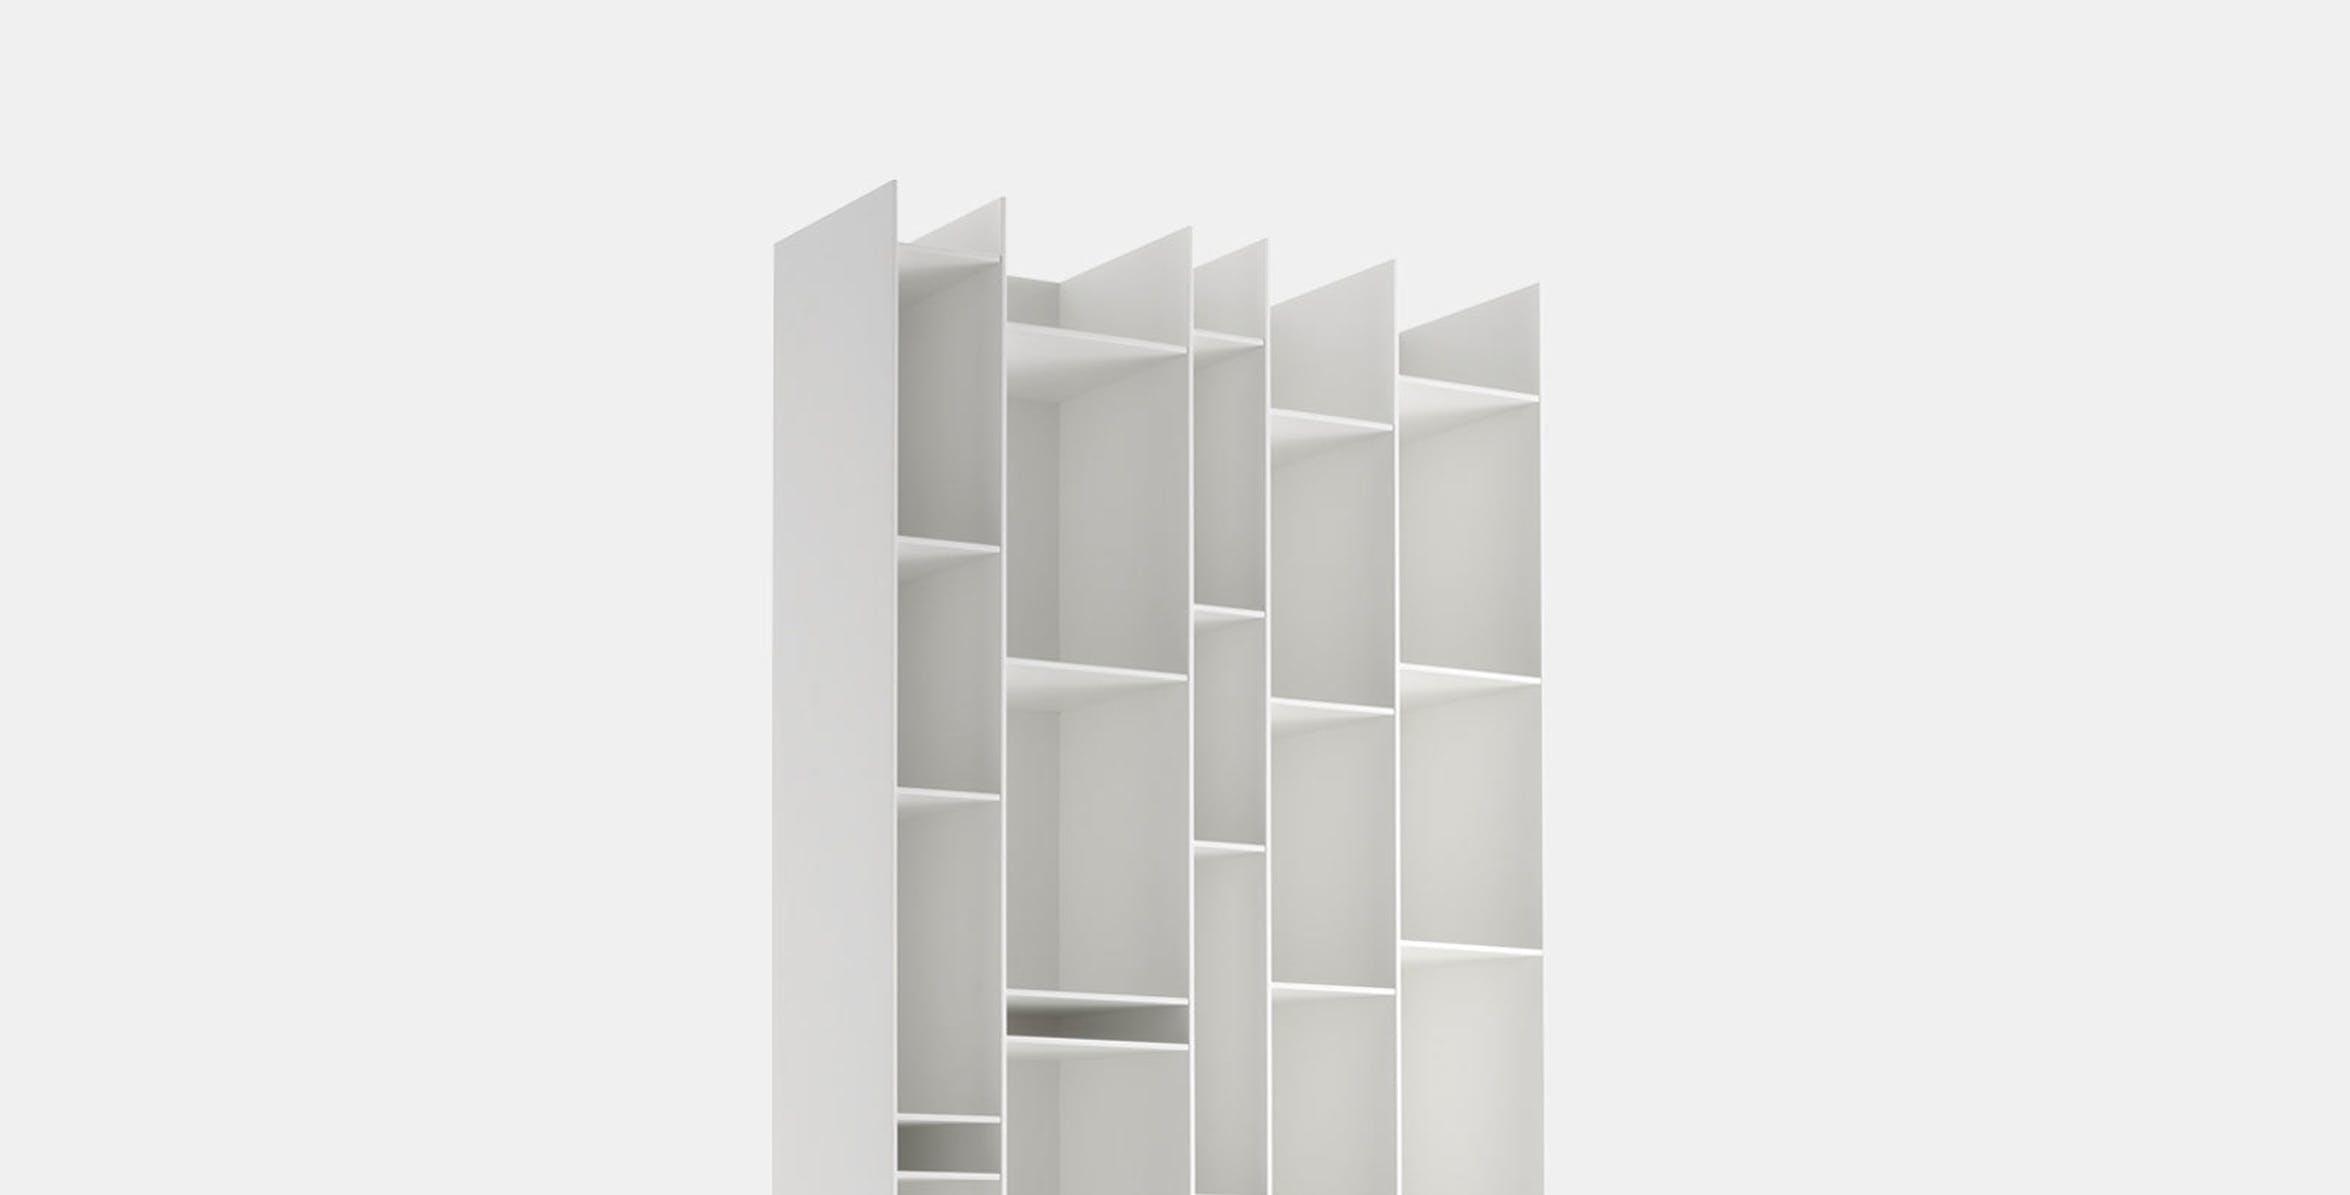 Designer Neuland Industriedesign